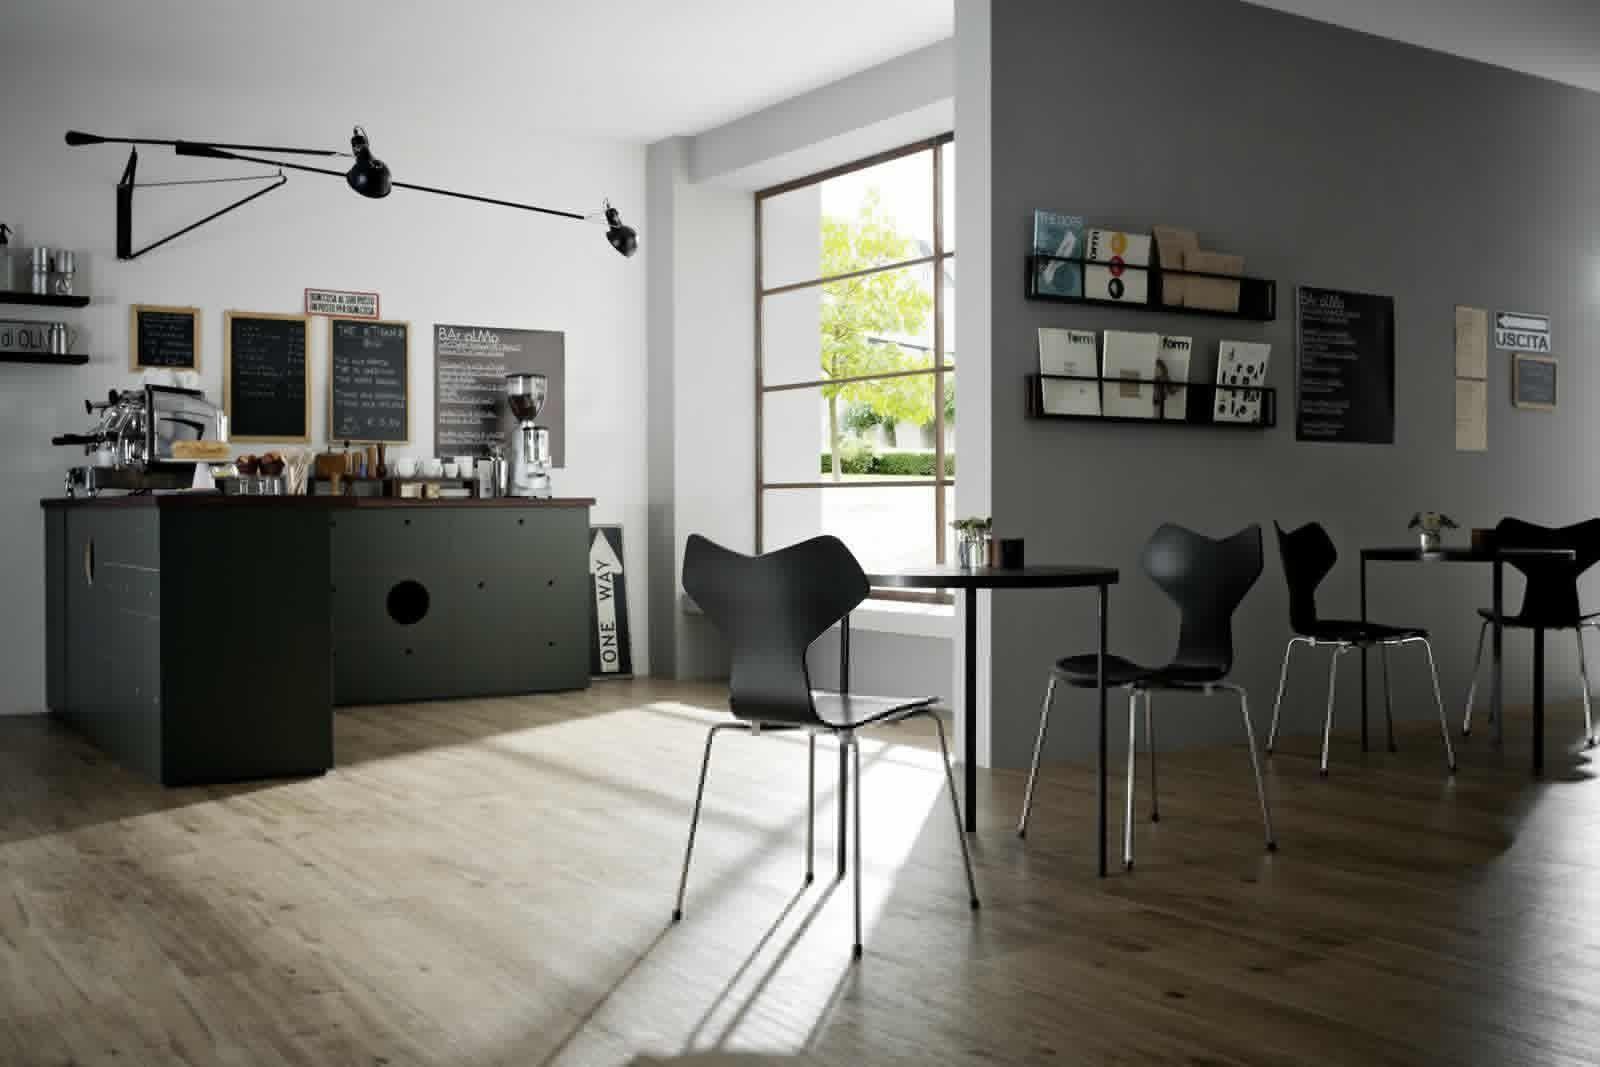 #Marazzi #TreverkHome Olmo 20x120 cm MKLF | #Feinsteinzeug #Holzoptik #20x120 | im Angebot auf #bad39.de 49 Euro/qm | #Fliesen #Keramik #Boden #Badezimmer #Küche #Outdoor